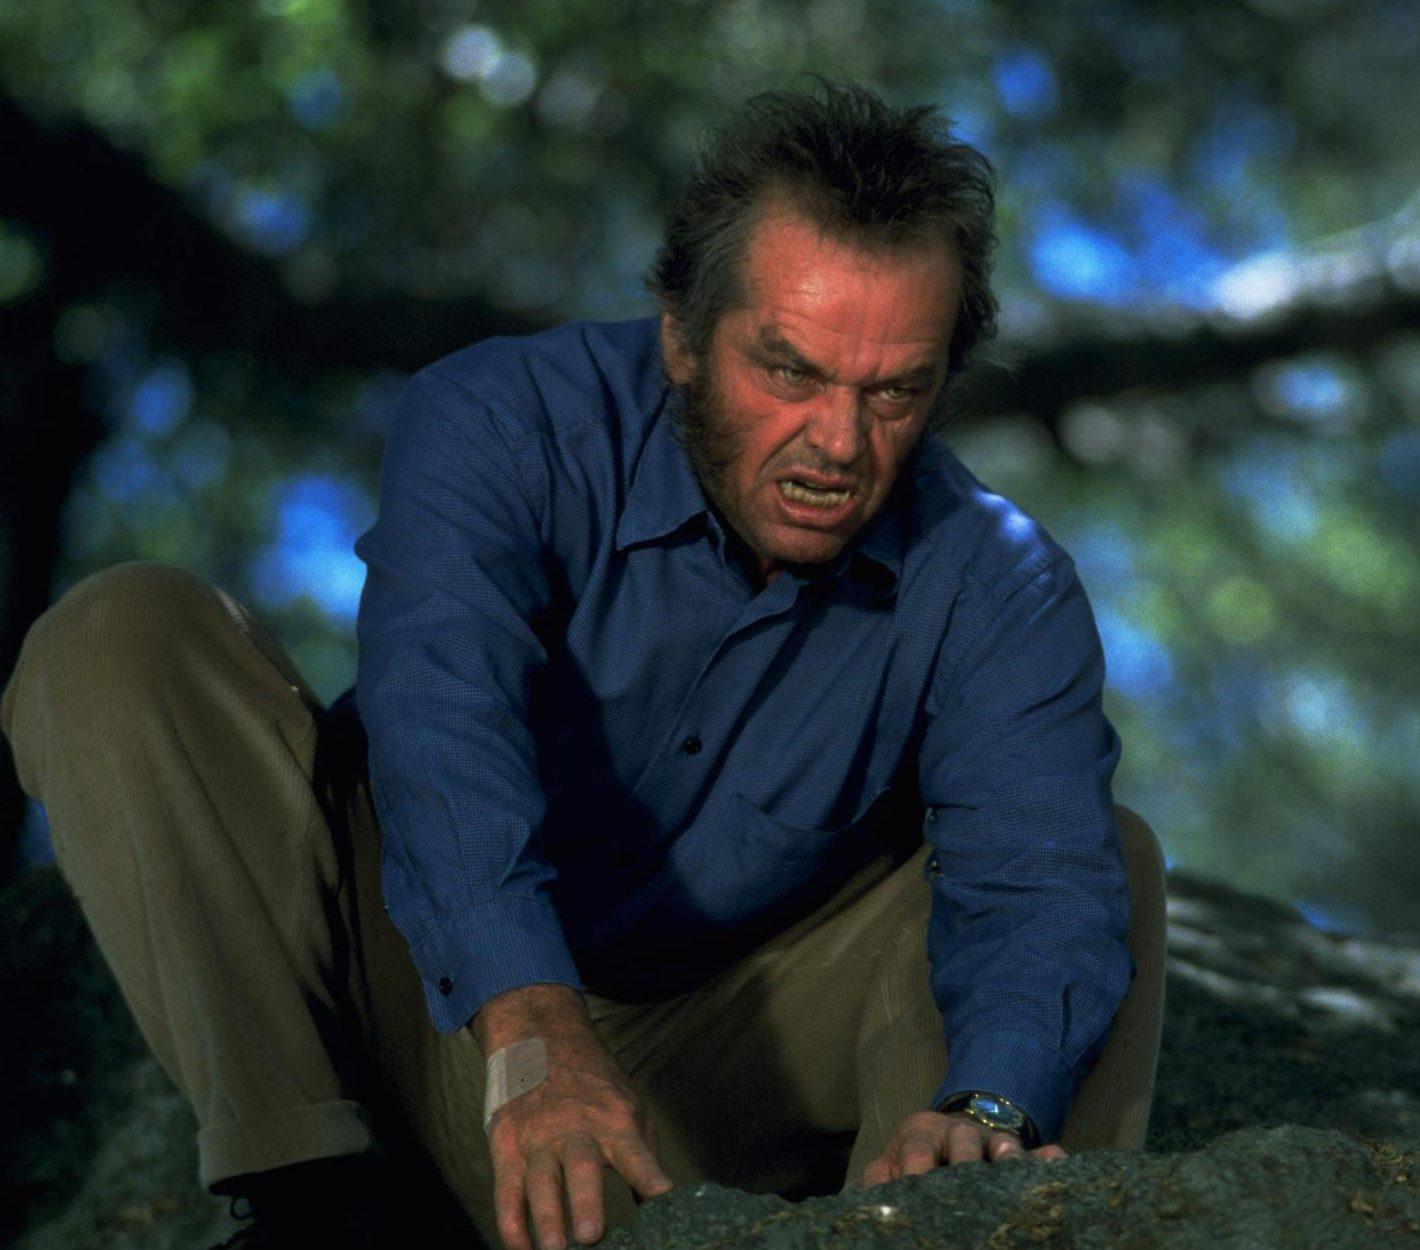 jack nicholson wolf movie werewolf e1605713885419 10 Hair-Raising Facts About Jack Nicholson And Michelle Pfeiffer's 1994 Horror Movie Wolf